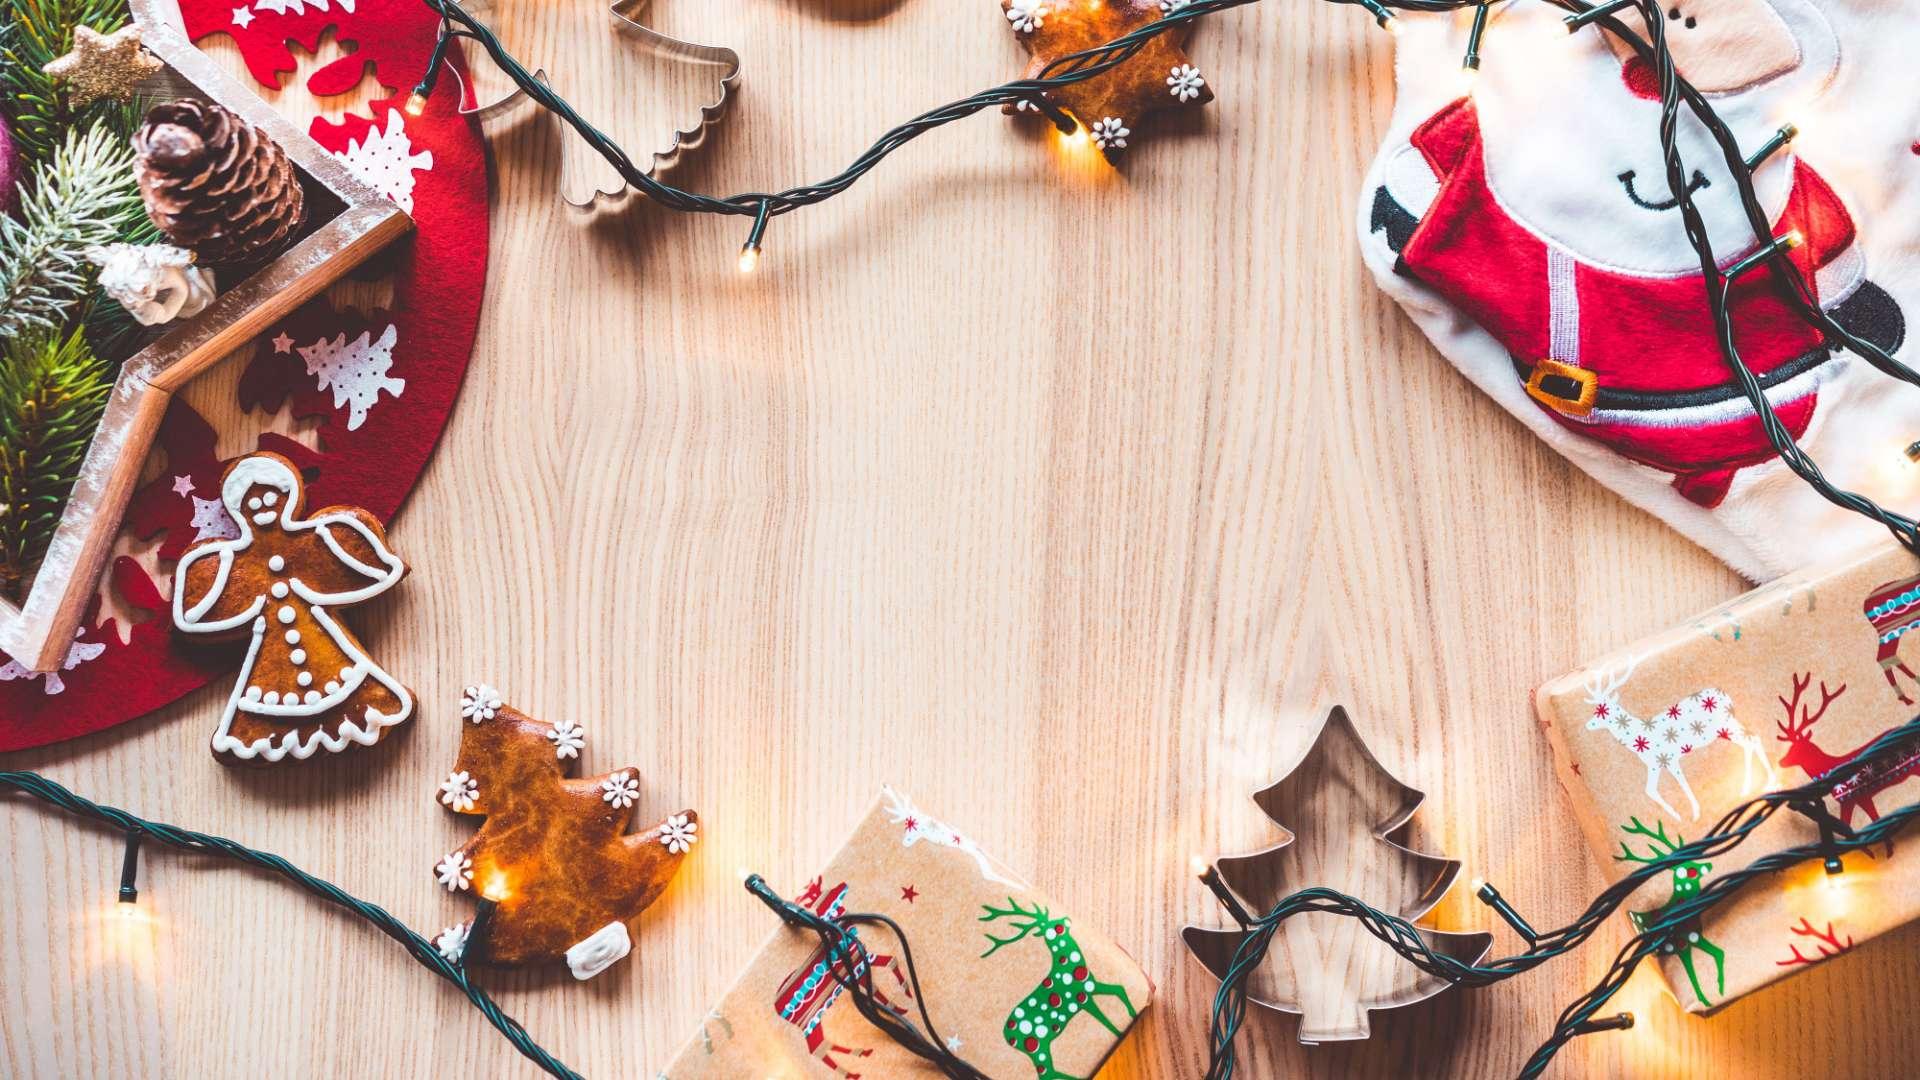 Gutscheine von CULINARIA - das perfekte Weihnachtsgeschenk - Culinaria